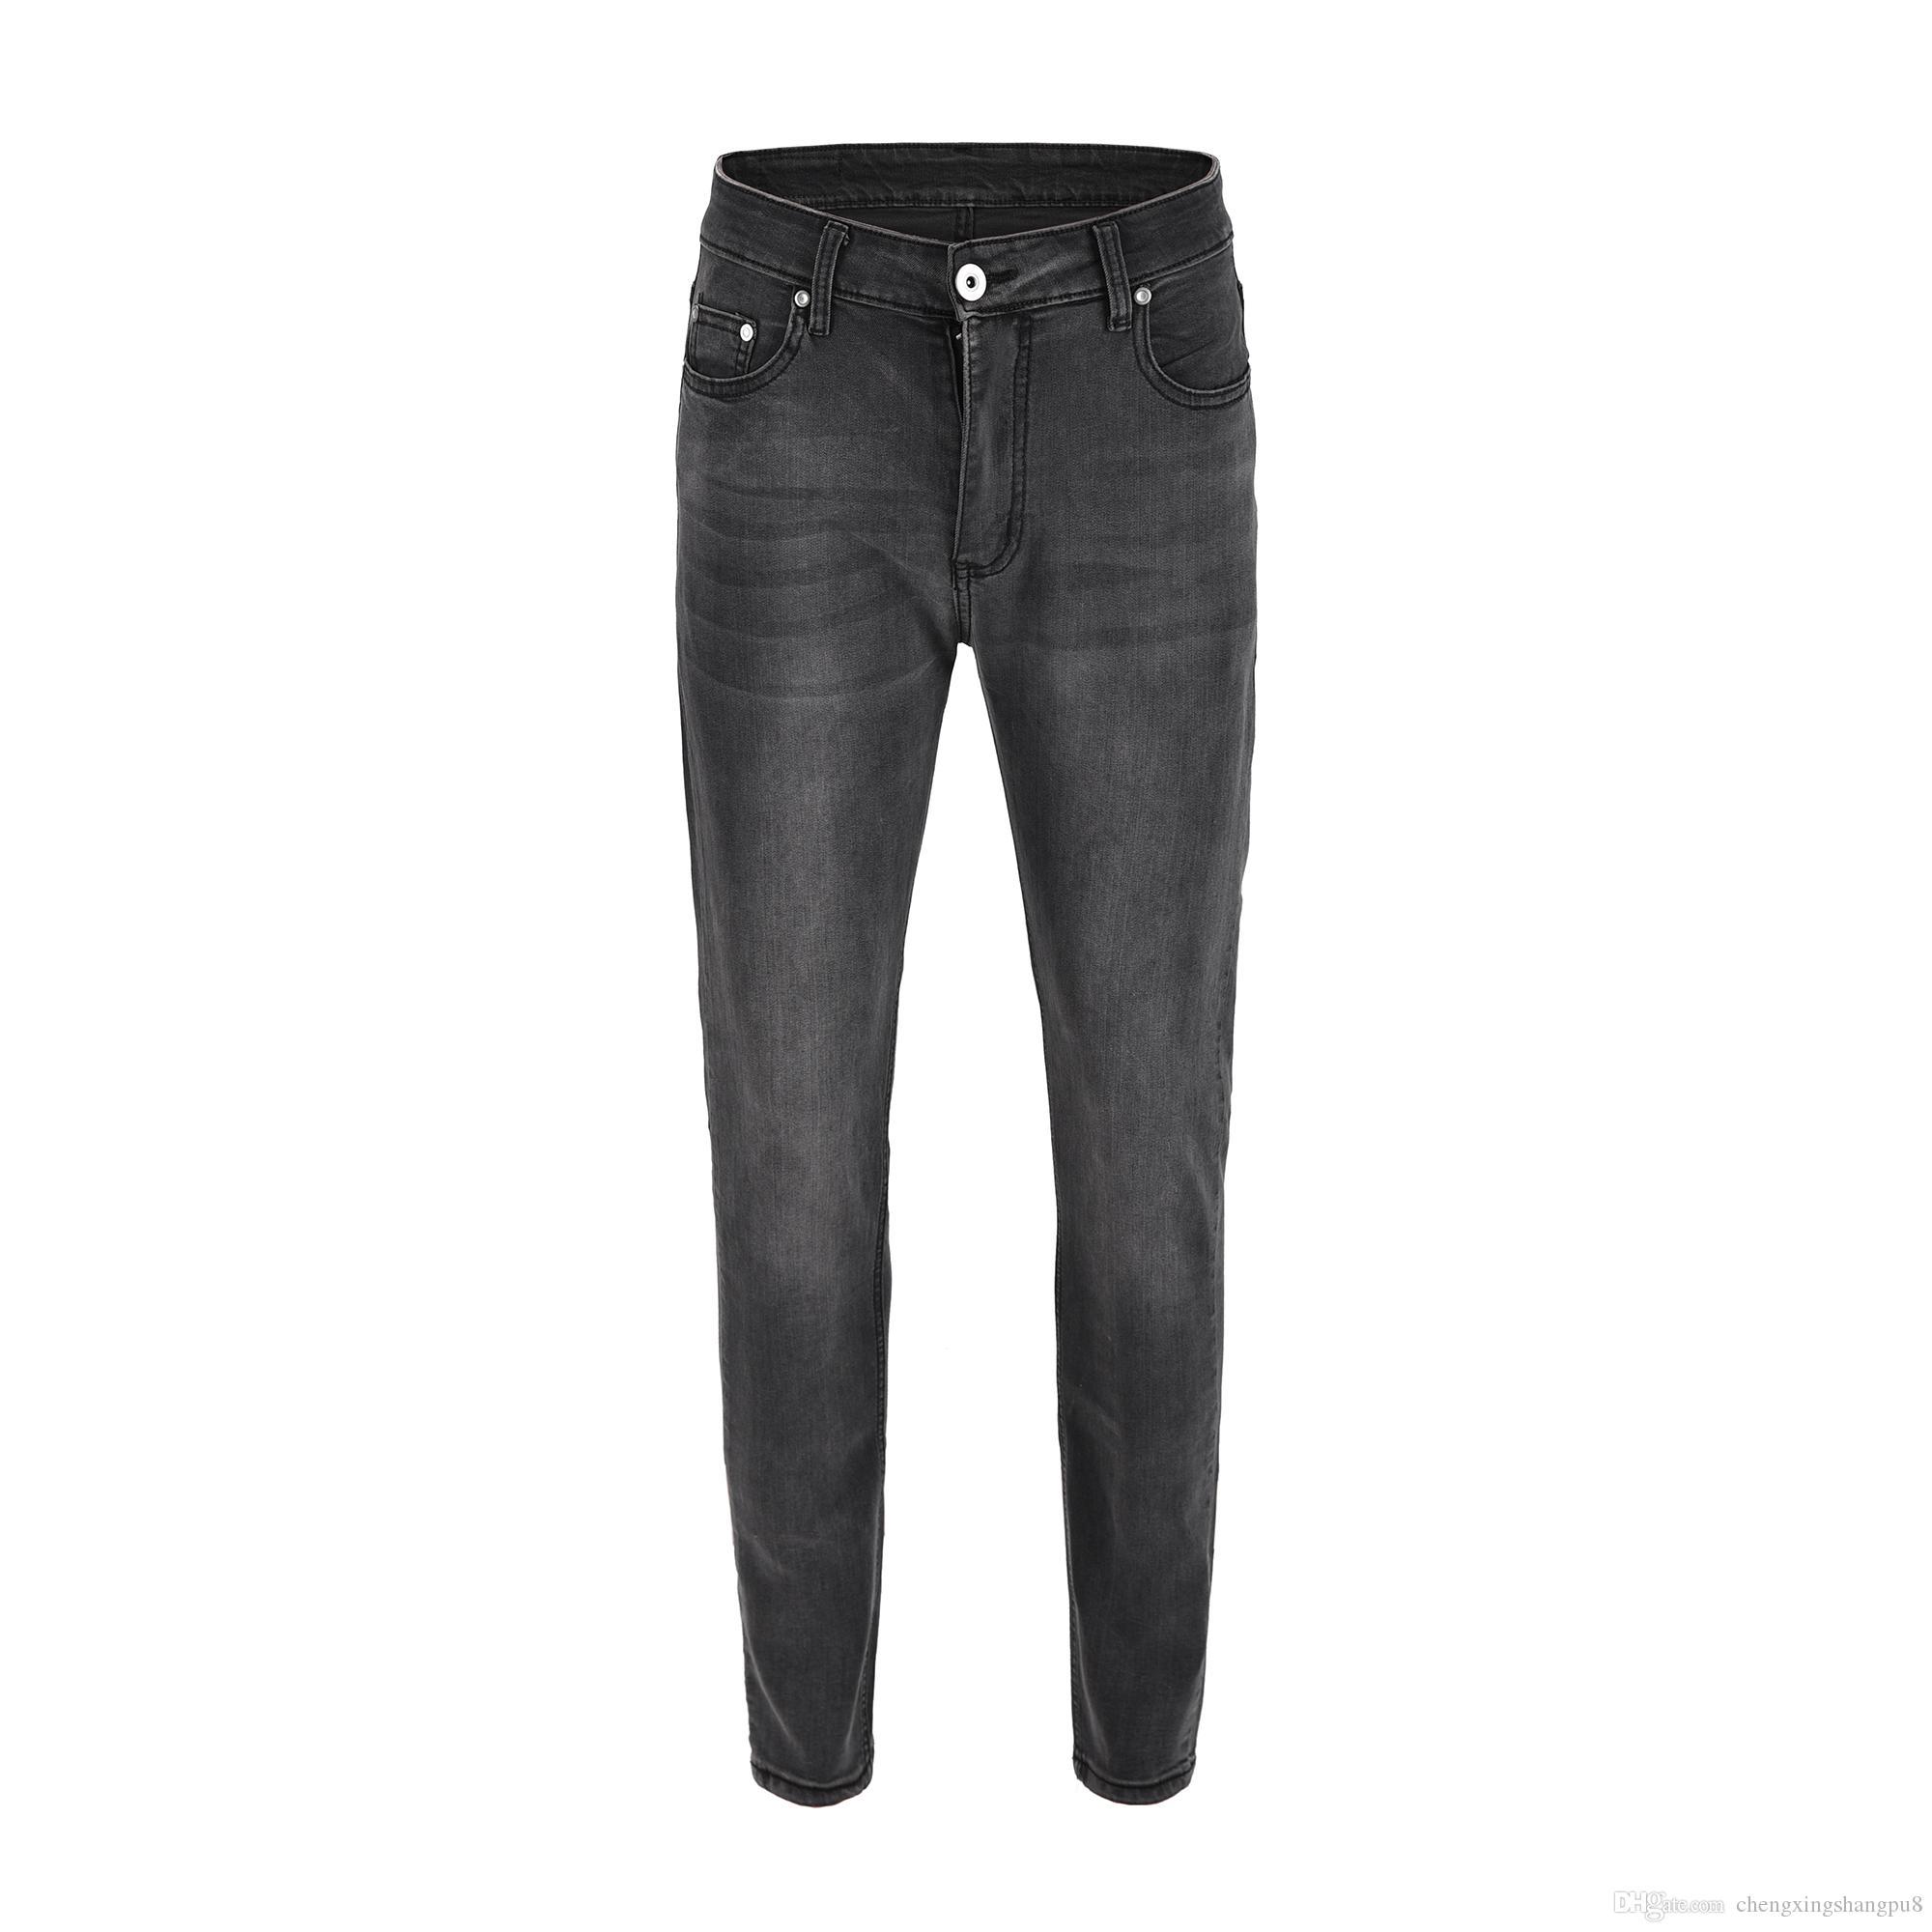 Acheter 2019 Nouveau Designer Hommes Jeans Célèbre Marque Luxe Rose Brodé  Jeans Slim Fit Hommes Imprimé Biker Denim Pantalon De  39.7 Du  Chengxingshangpu8 ... 70042e583d76